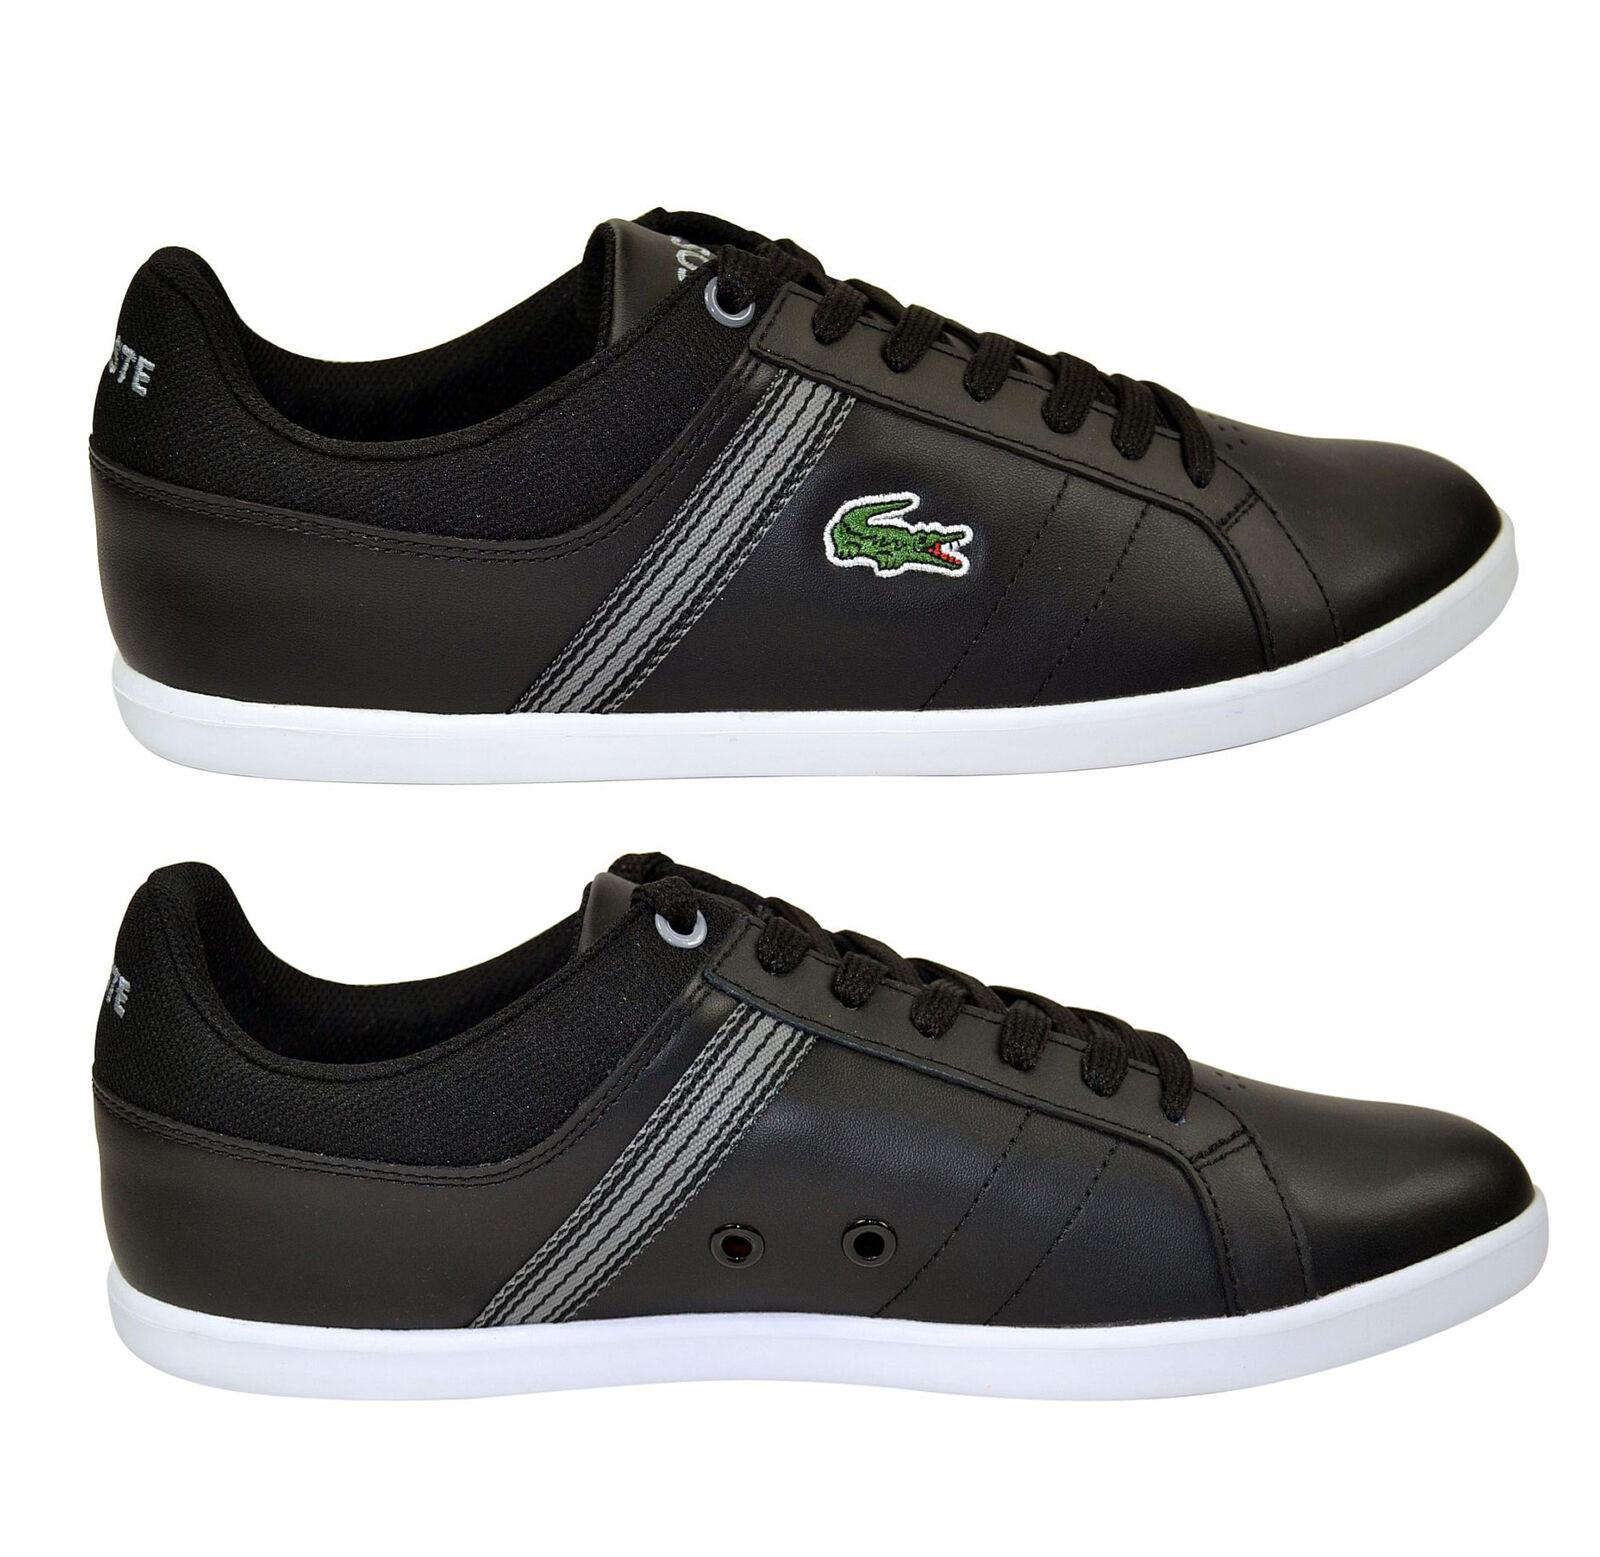 Lacoste Evershot CRE SPM black Schuhe/Sneaker schwarz Größenauswahl!